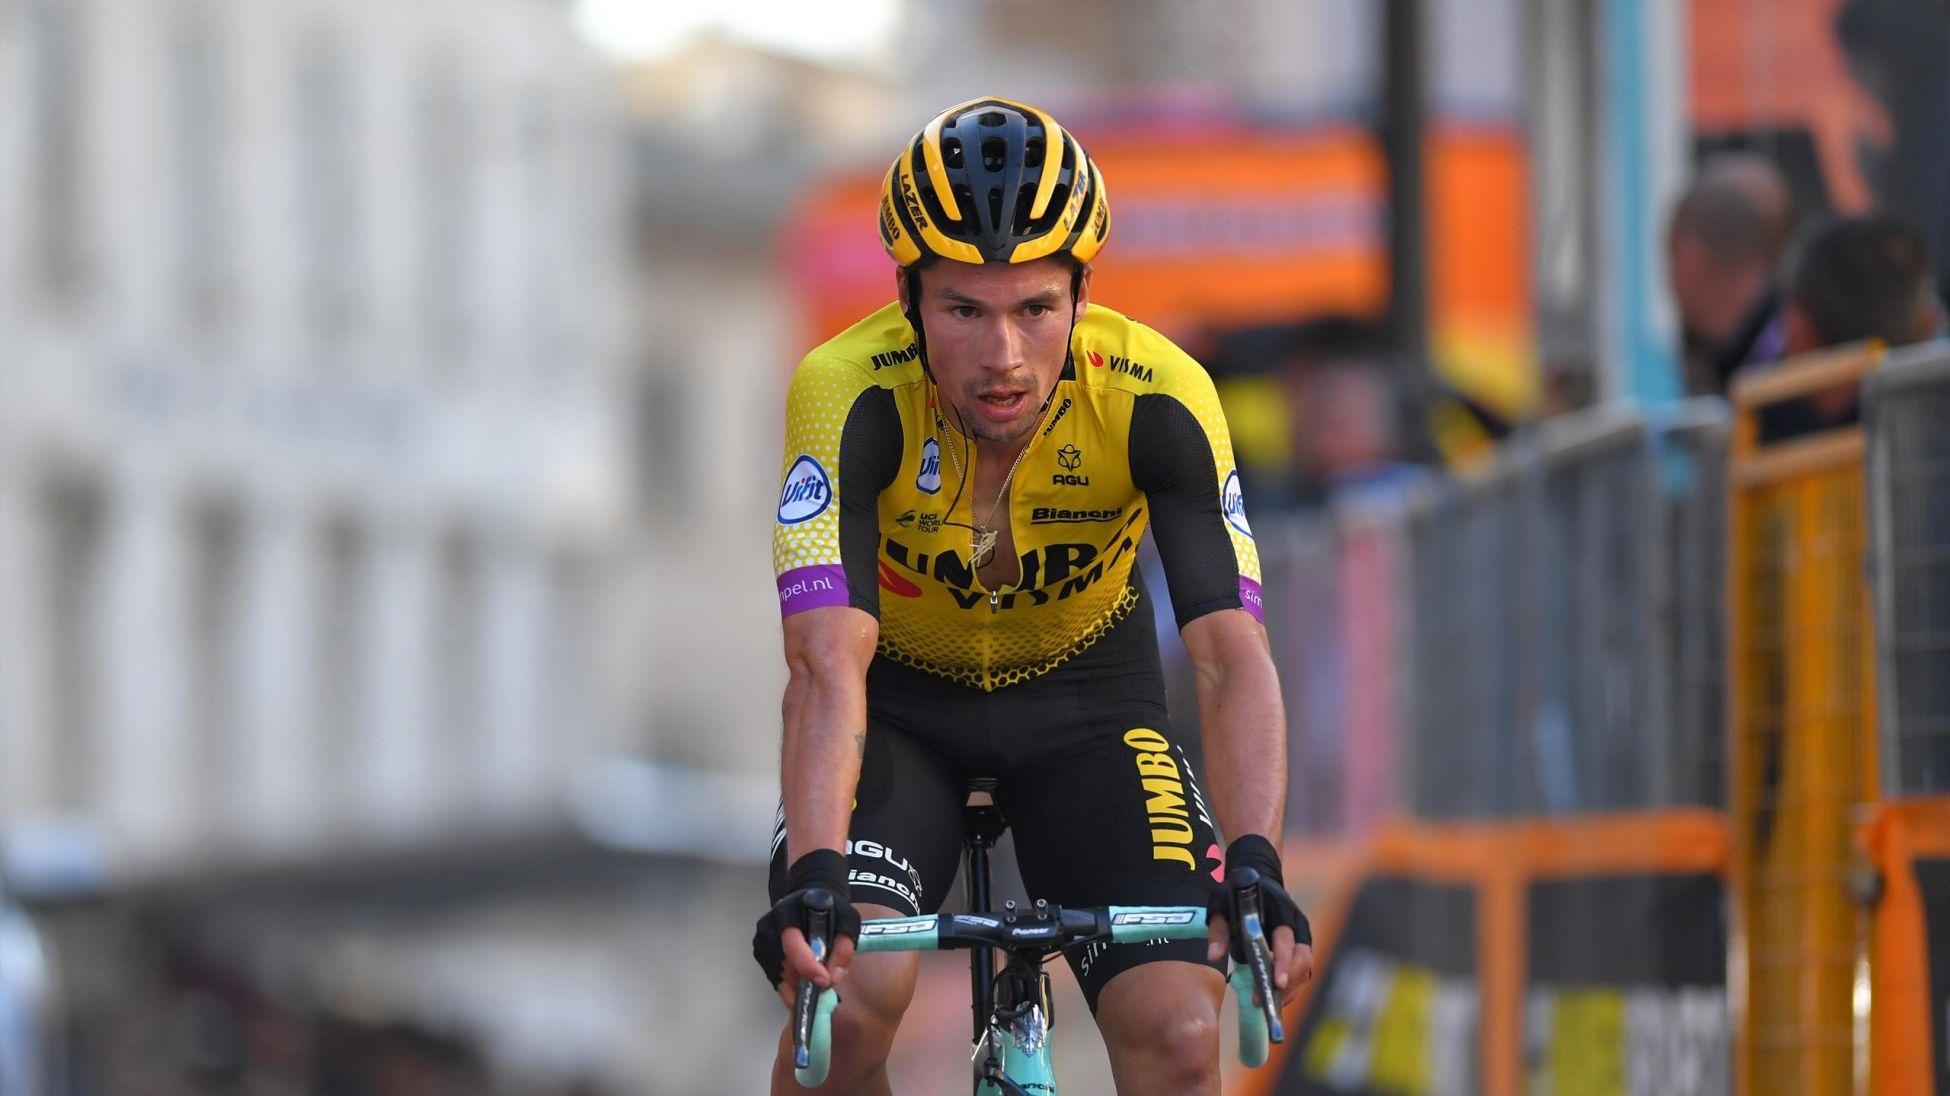 Словенецът Примож Роглич защити титлата си на престижната колоездачна Обиколка